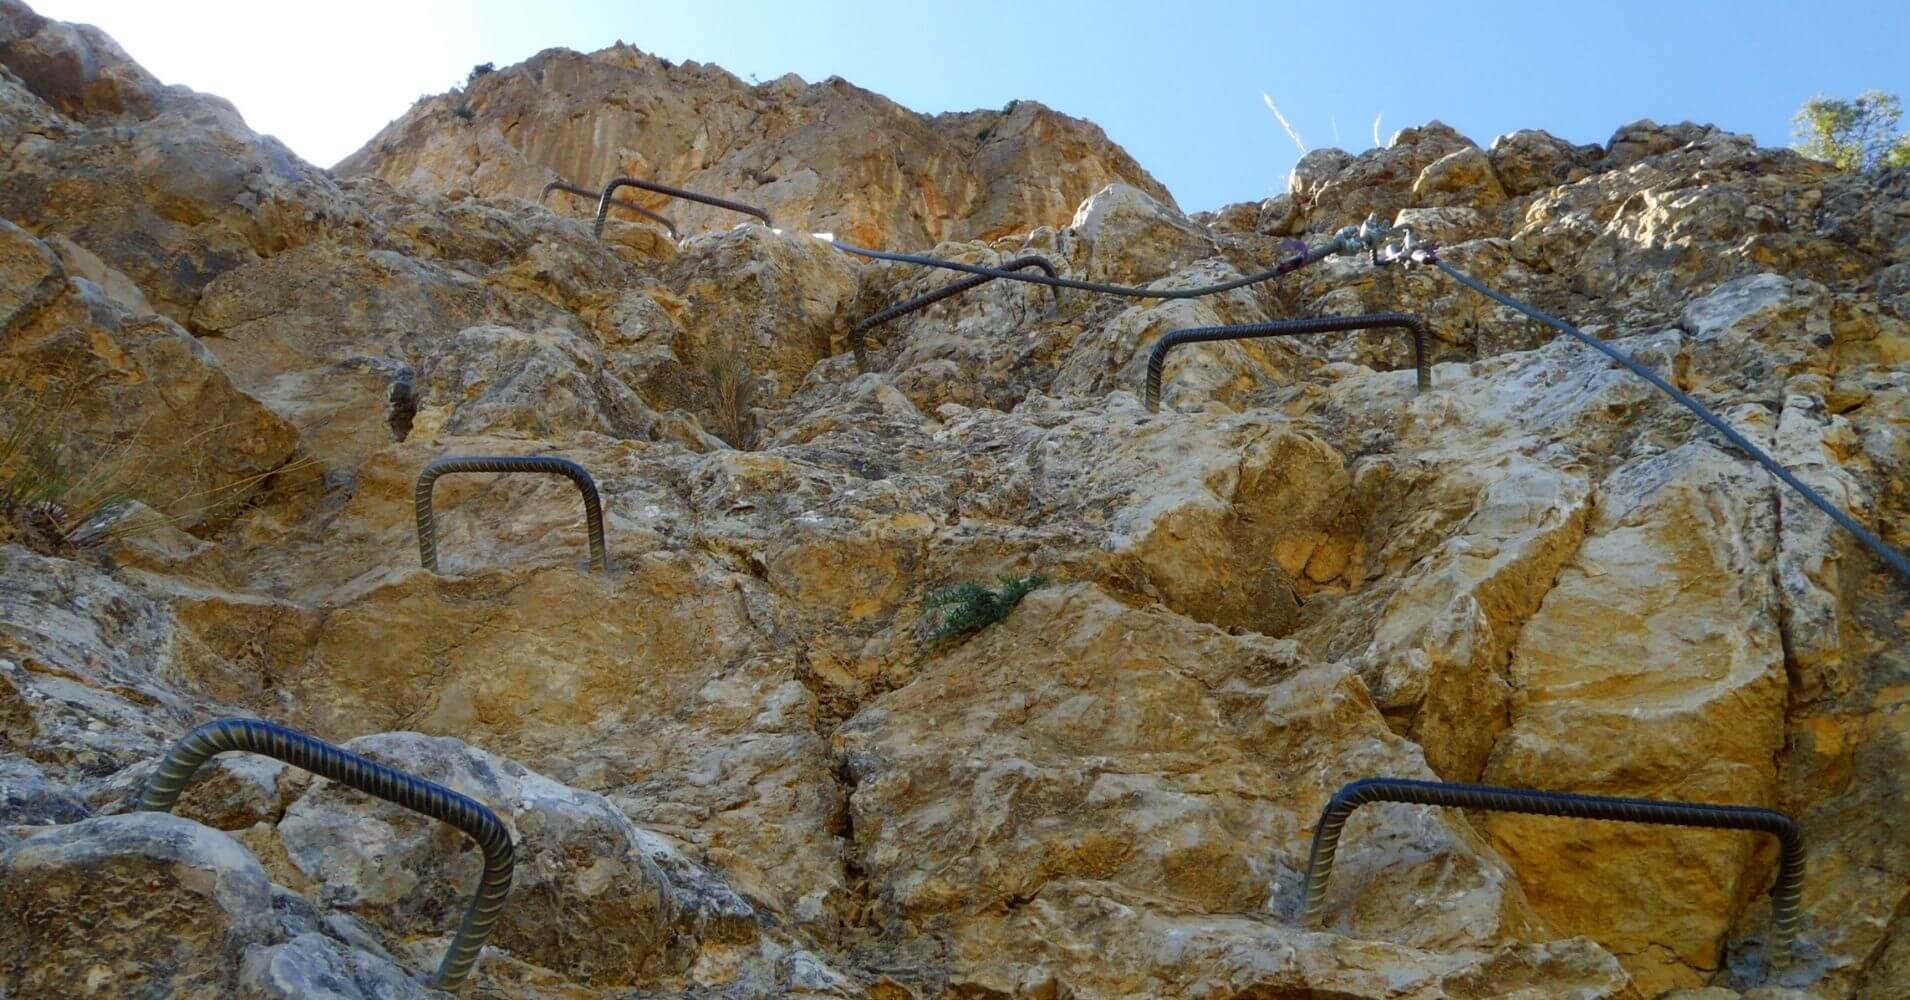 Vía Ferrata Norte del Cid. Grapas en Vertical. Petrer, Alicante. Comunidad Valenciana.